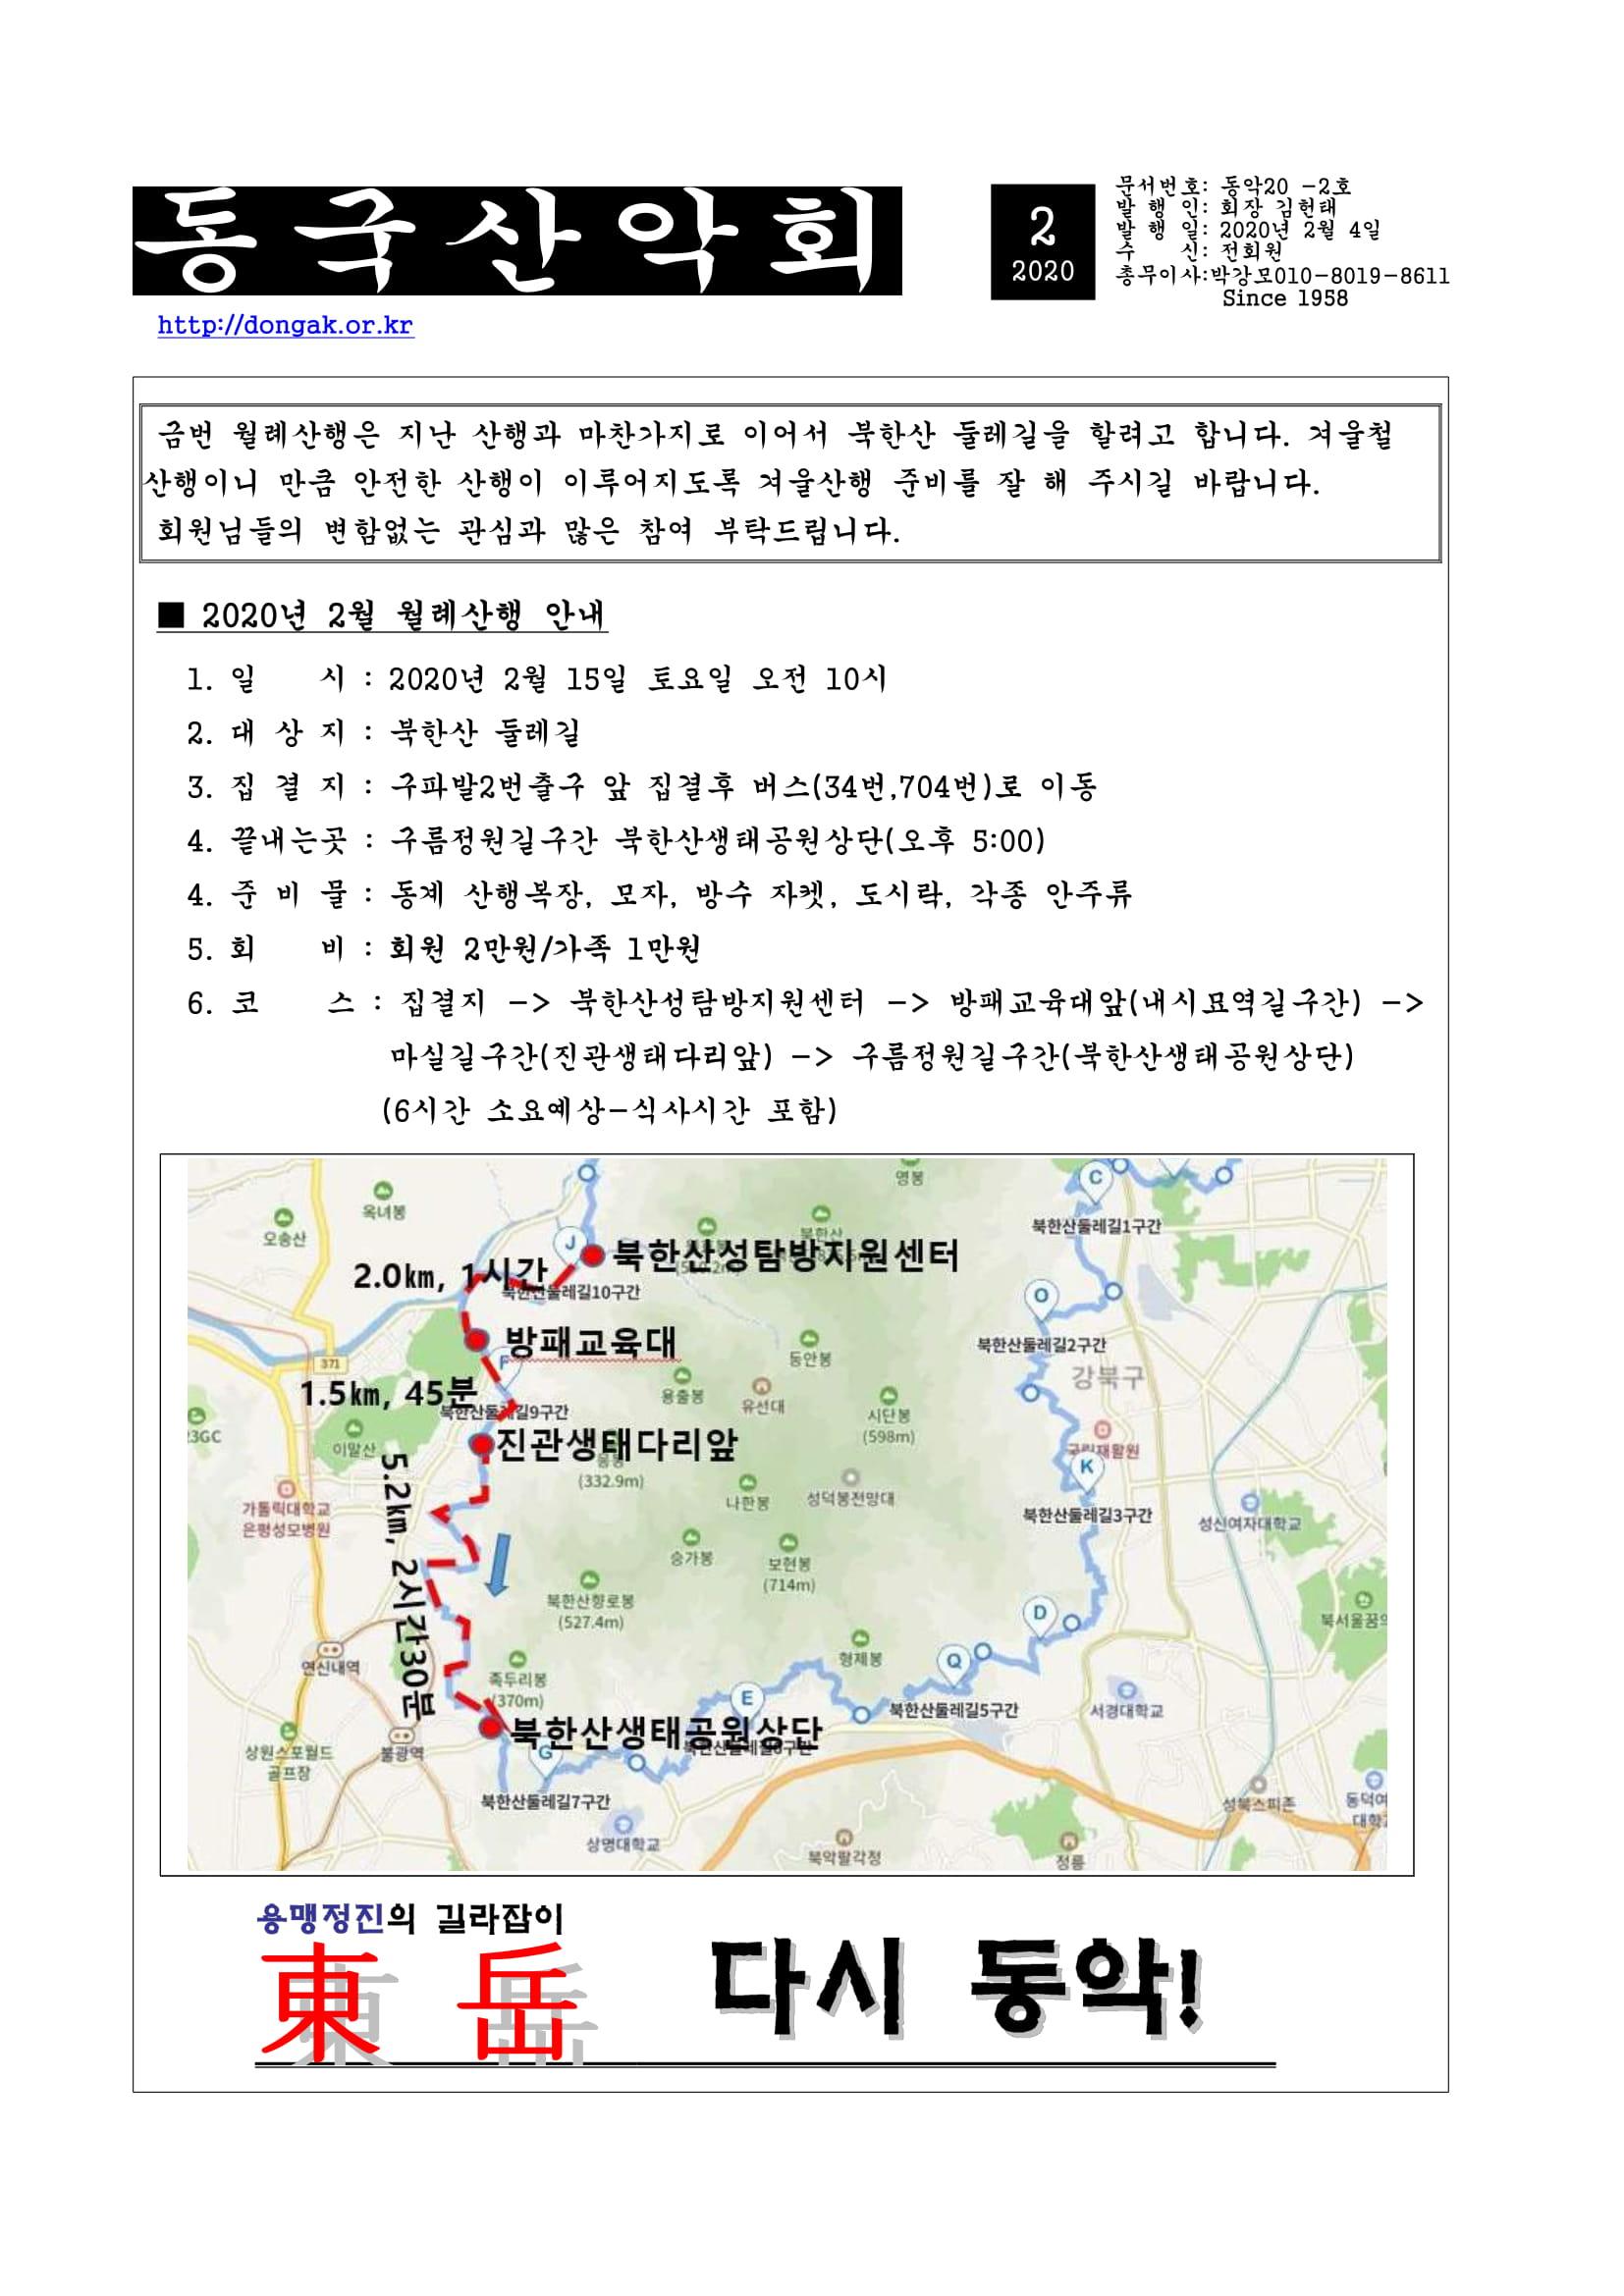 동악공문_2020년 2월-1.jpg